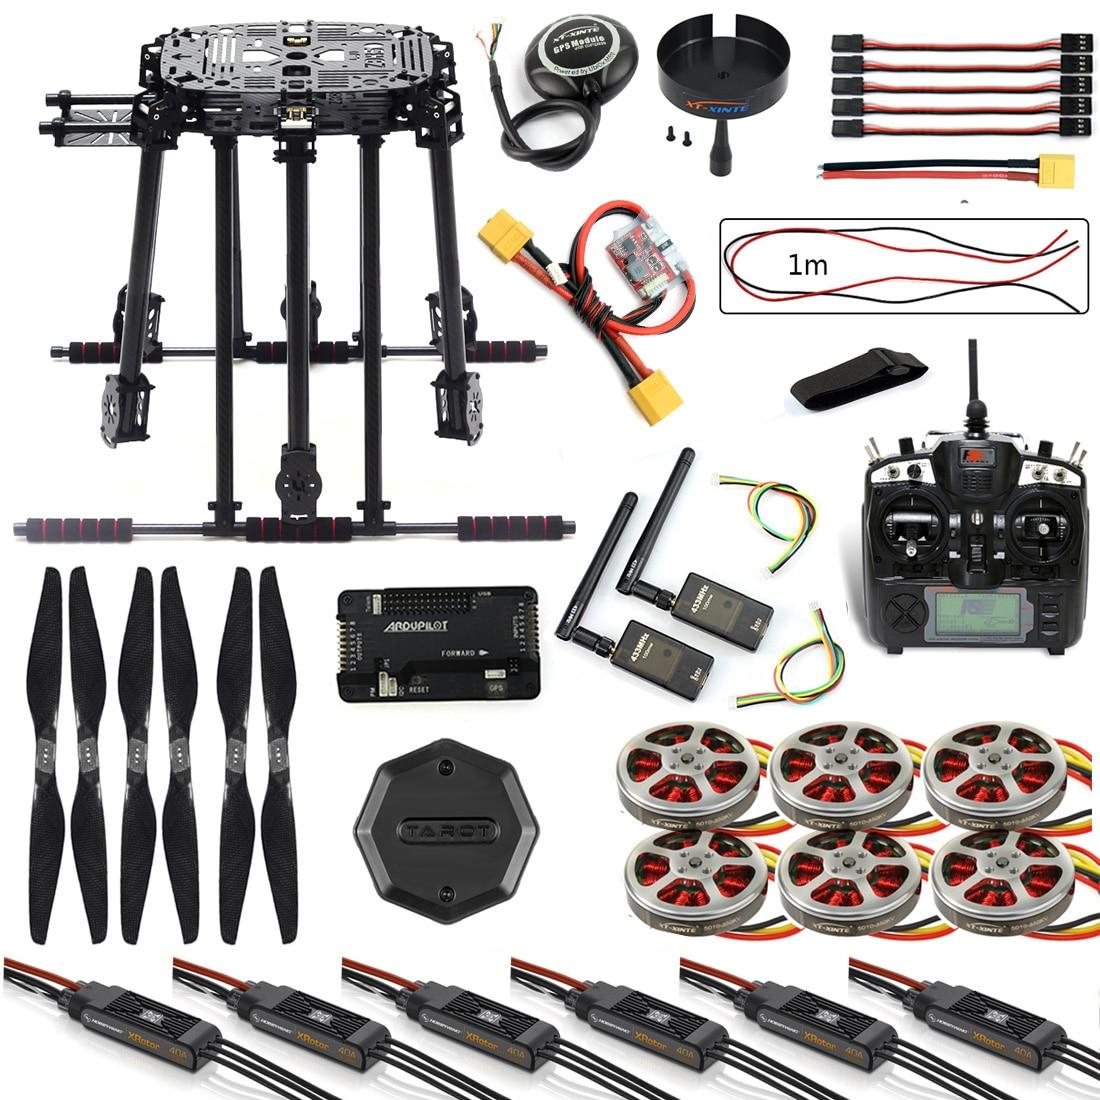 Bricolage ZD850 Kit cadre APM2.8 commande de vol M8N GPS Flysky TH9X télécommande 3DR télémétrie moteur ESC pour RC Hexacopter F19833-G